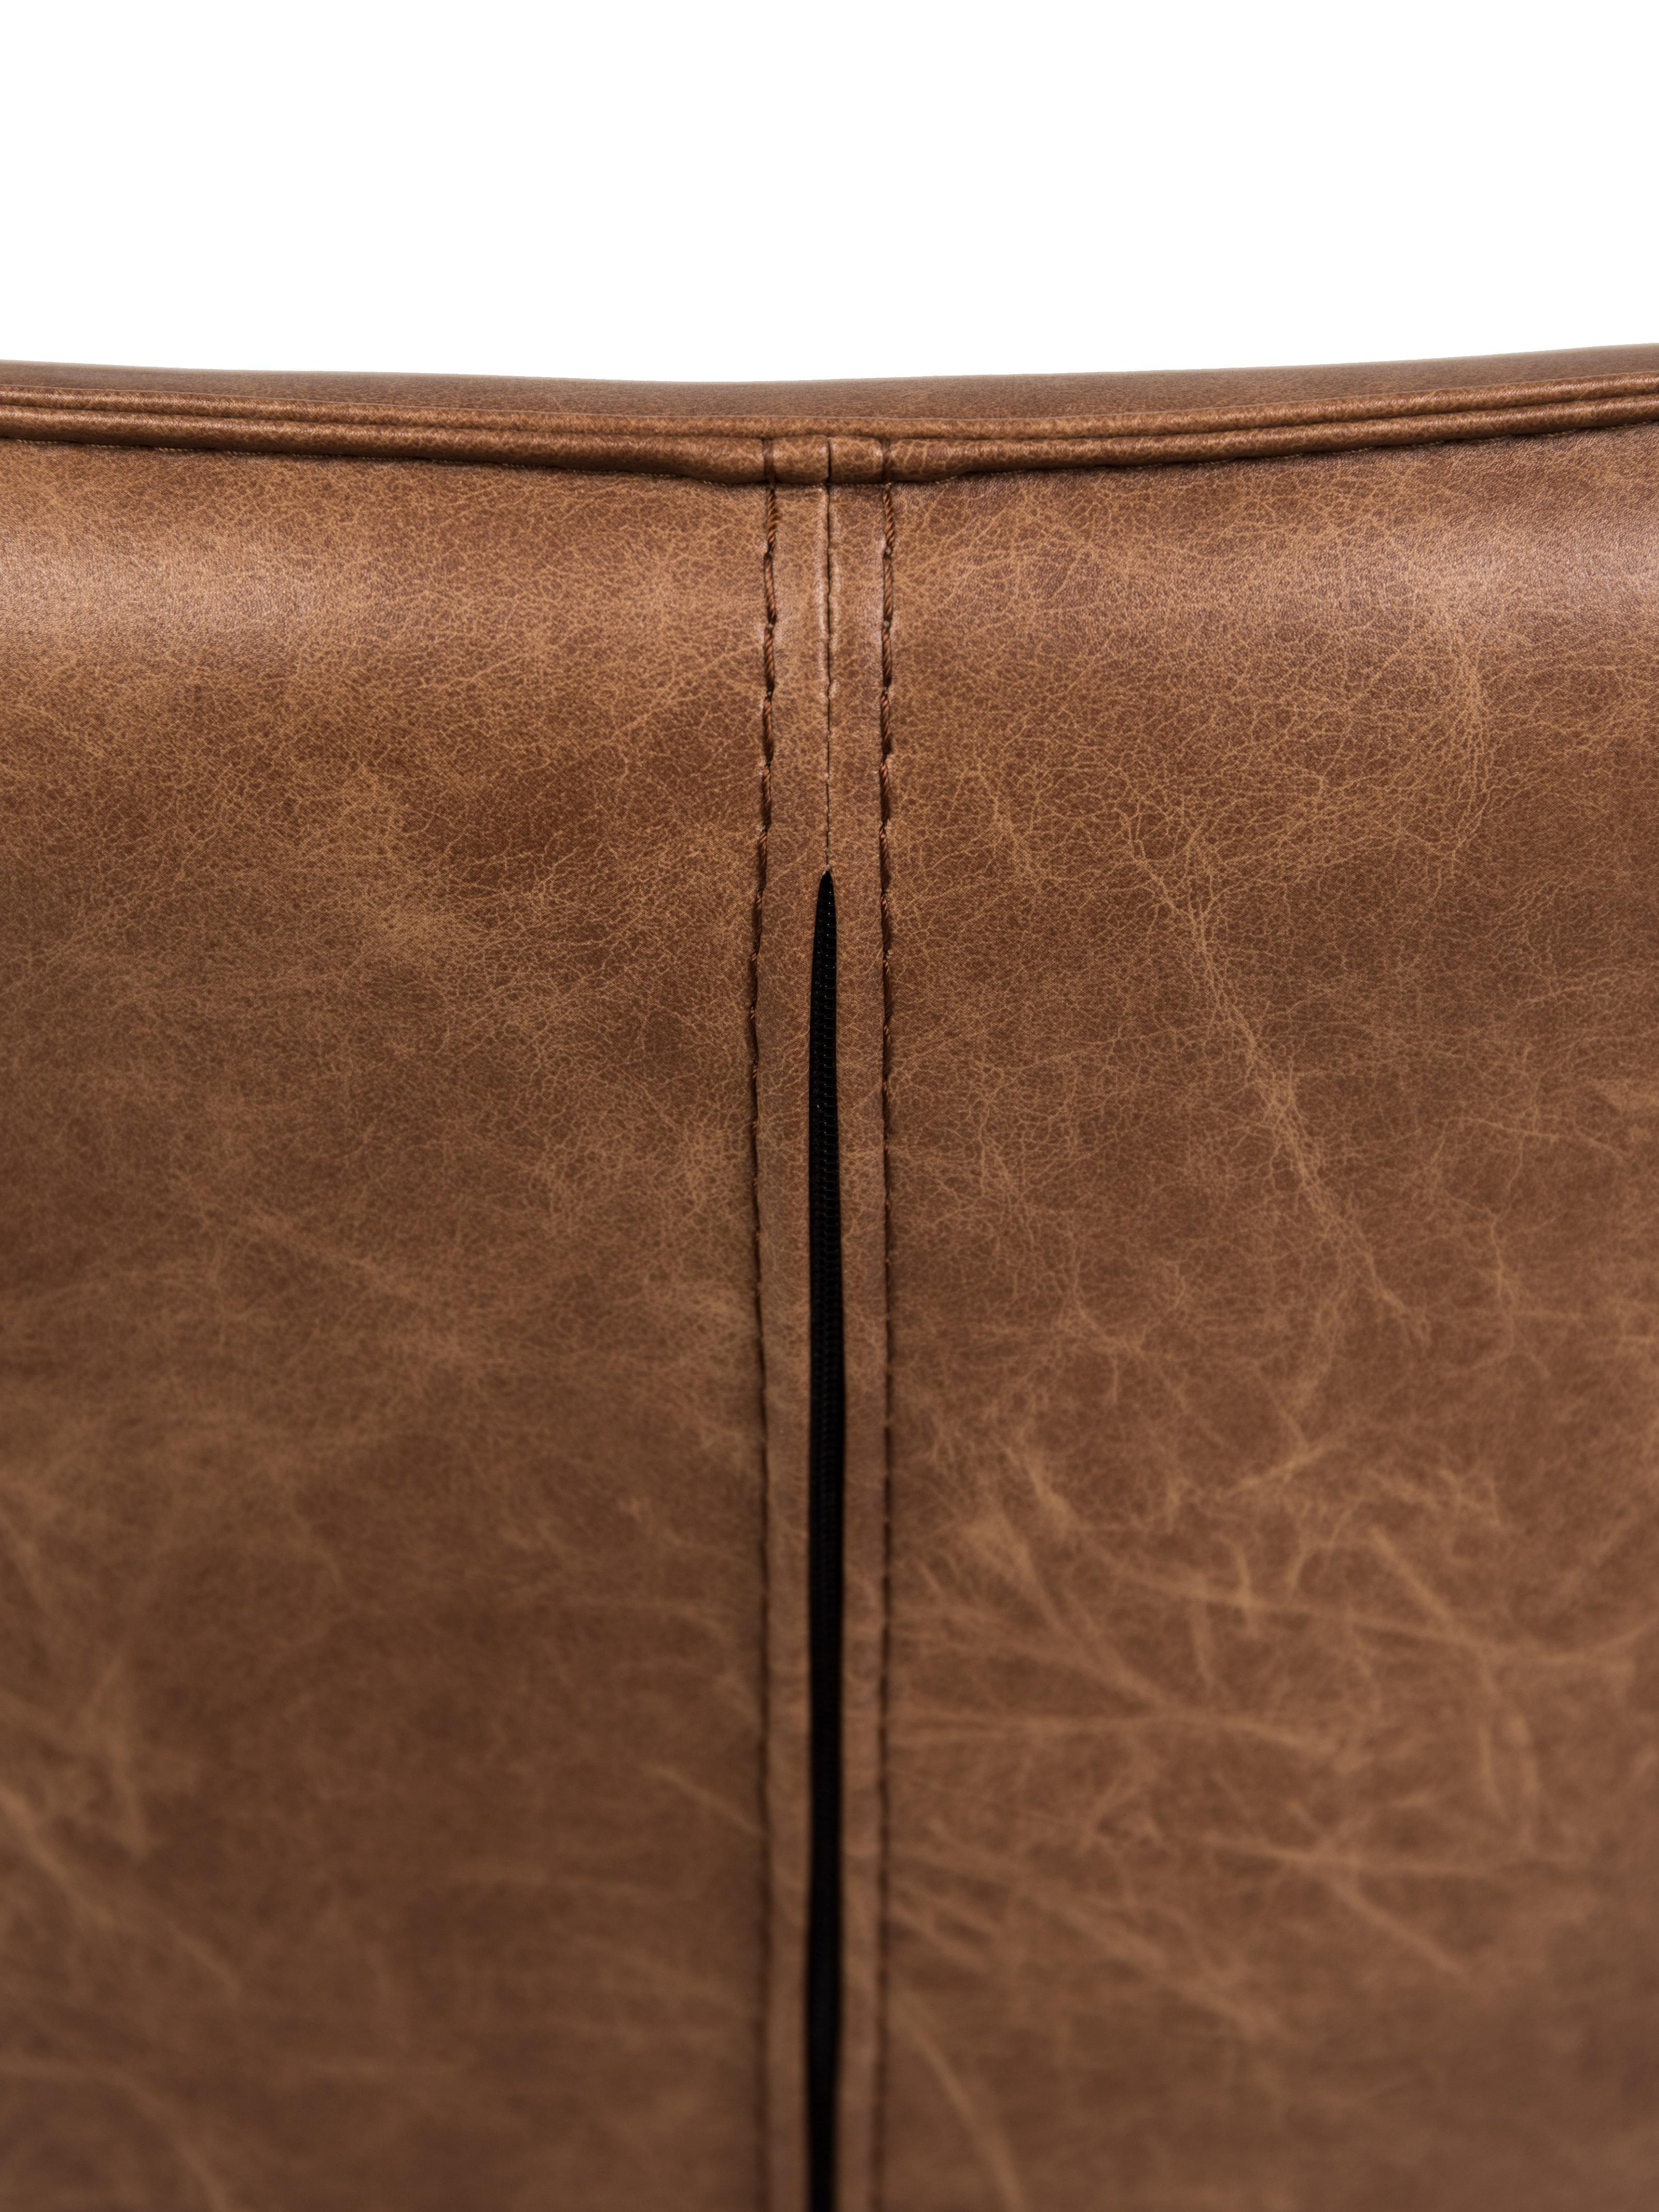 Poltrona in similpelle Bon, Rivestimento: similpelle (64% poliureta, Piedini: metallo verniciato, Rivestimento: marrone, strutturato Piedini: nero, Larg. 80 x Alt. 78 cm